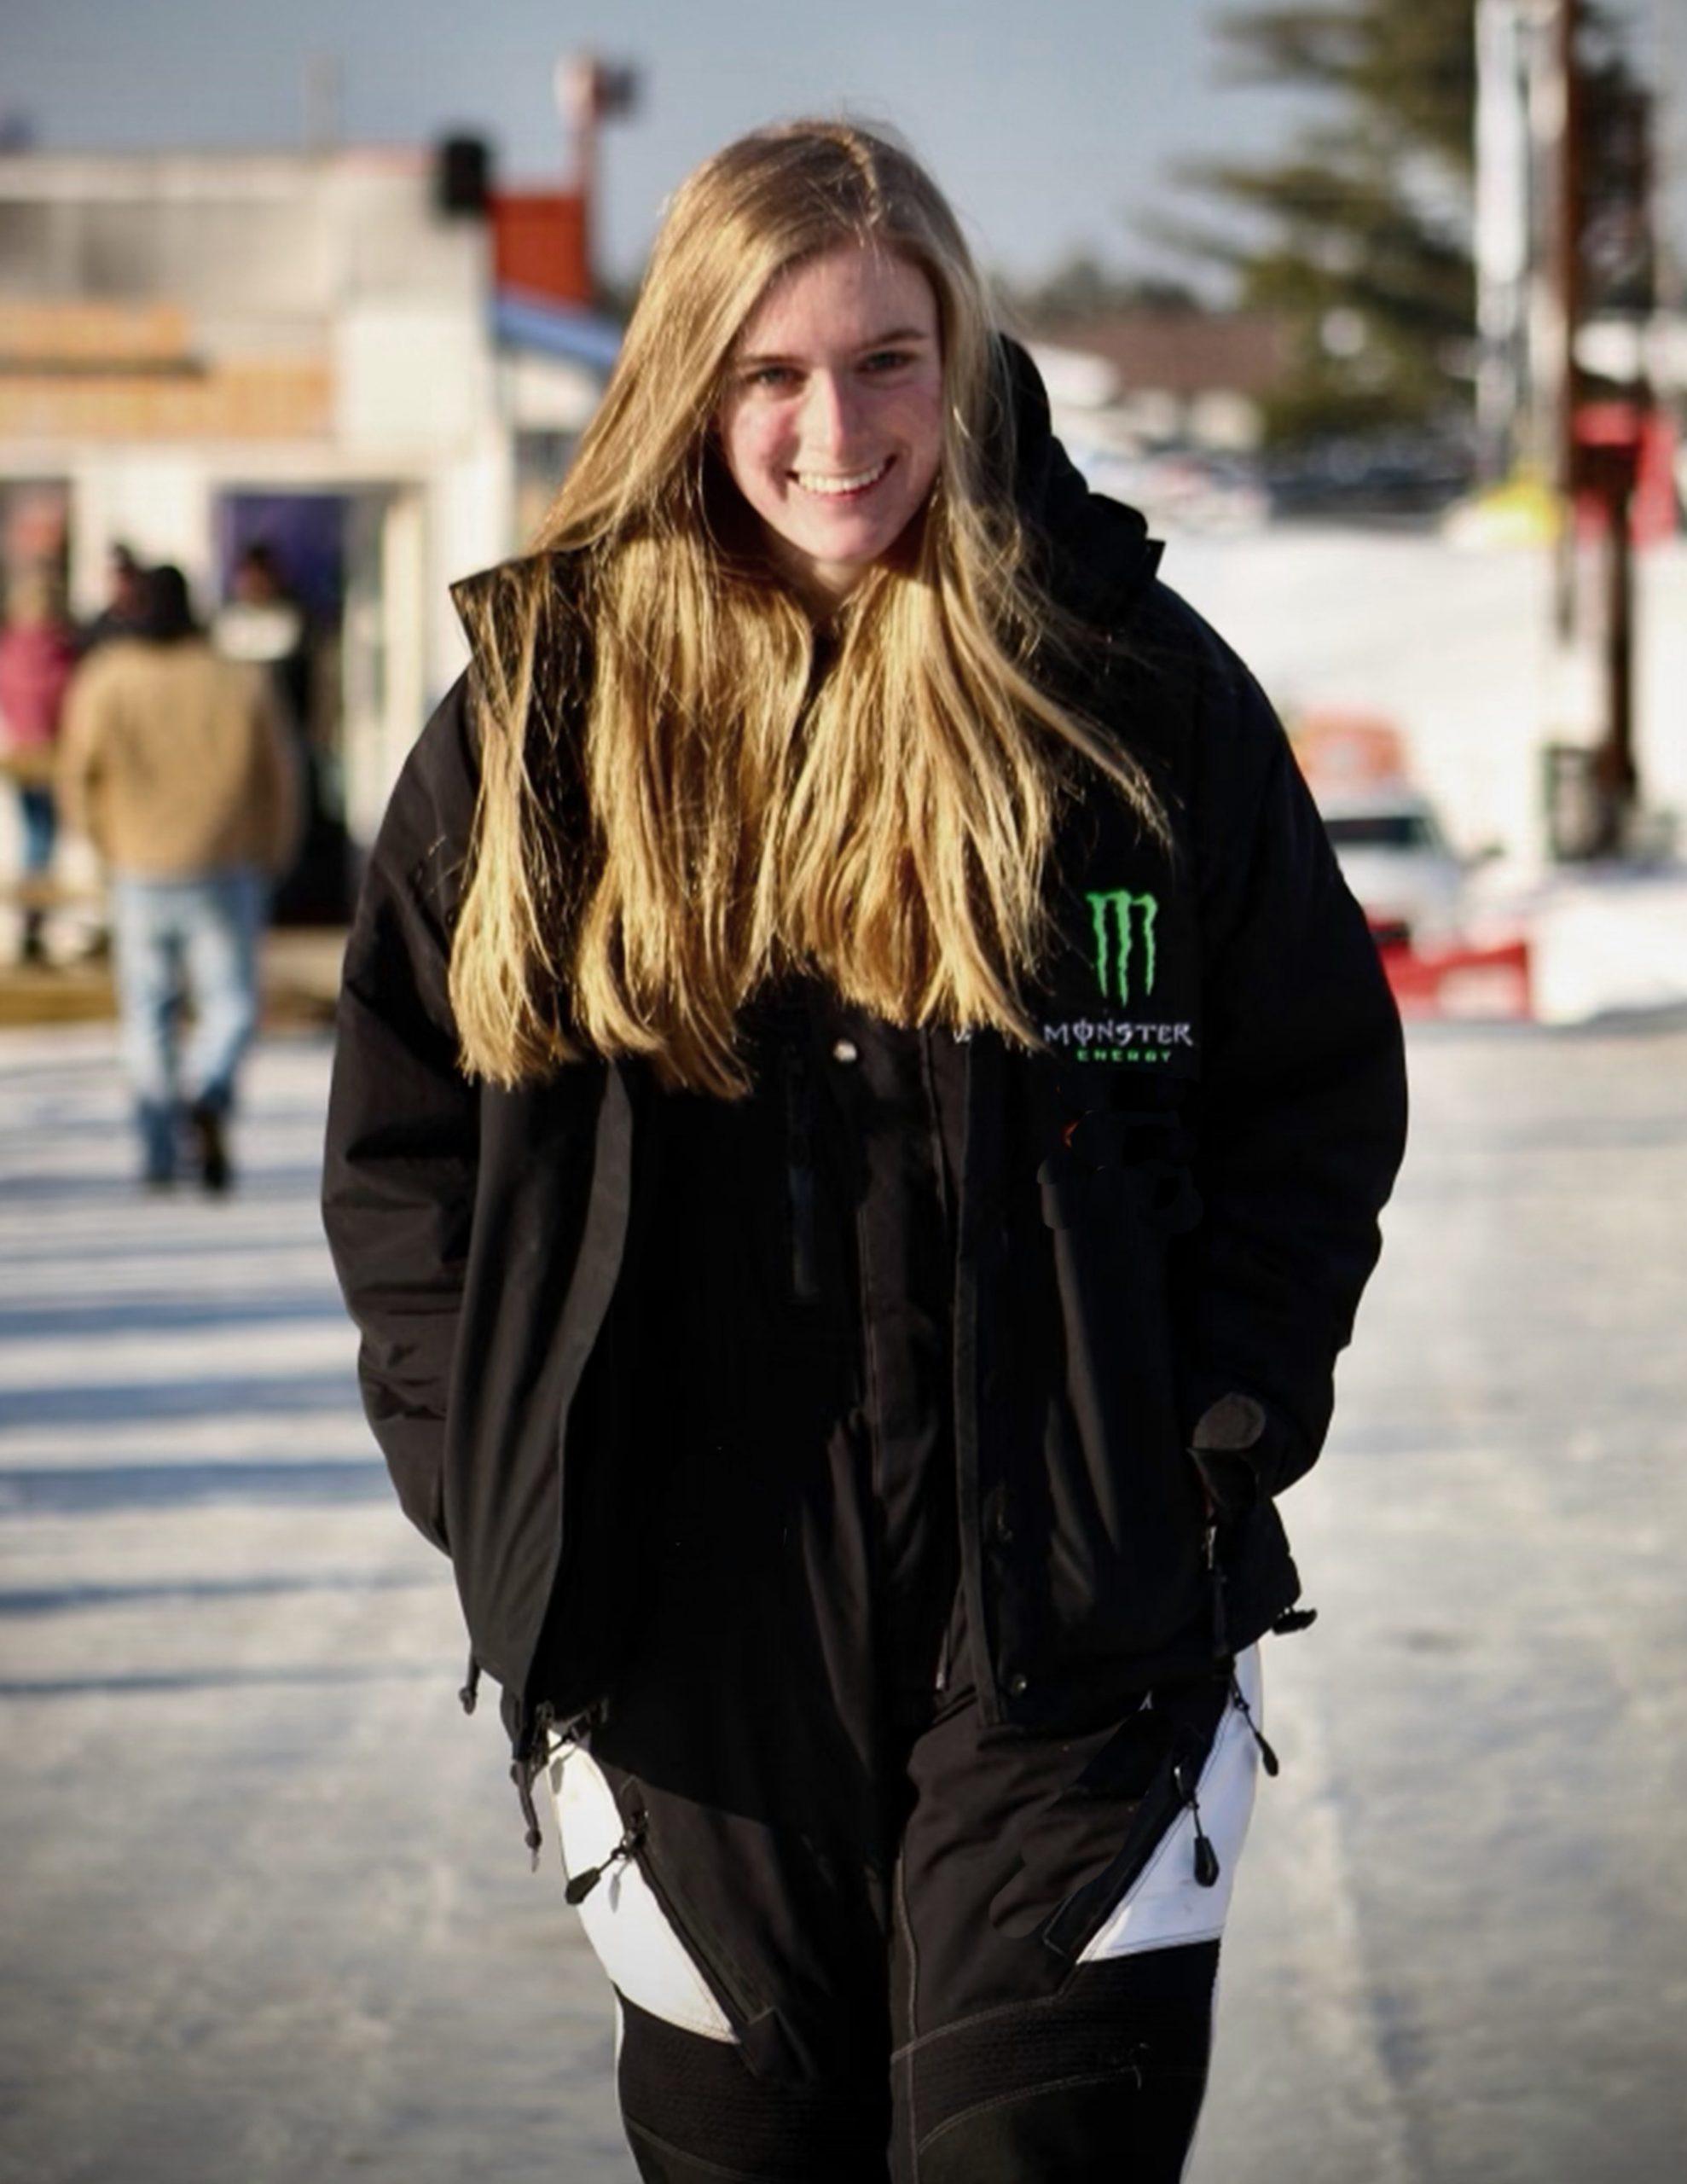 16-year-old Gray Leadbetter joins Monster Energy sponsored Greaves Motorsports Team.